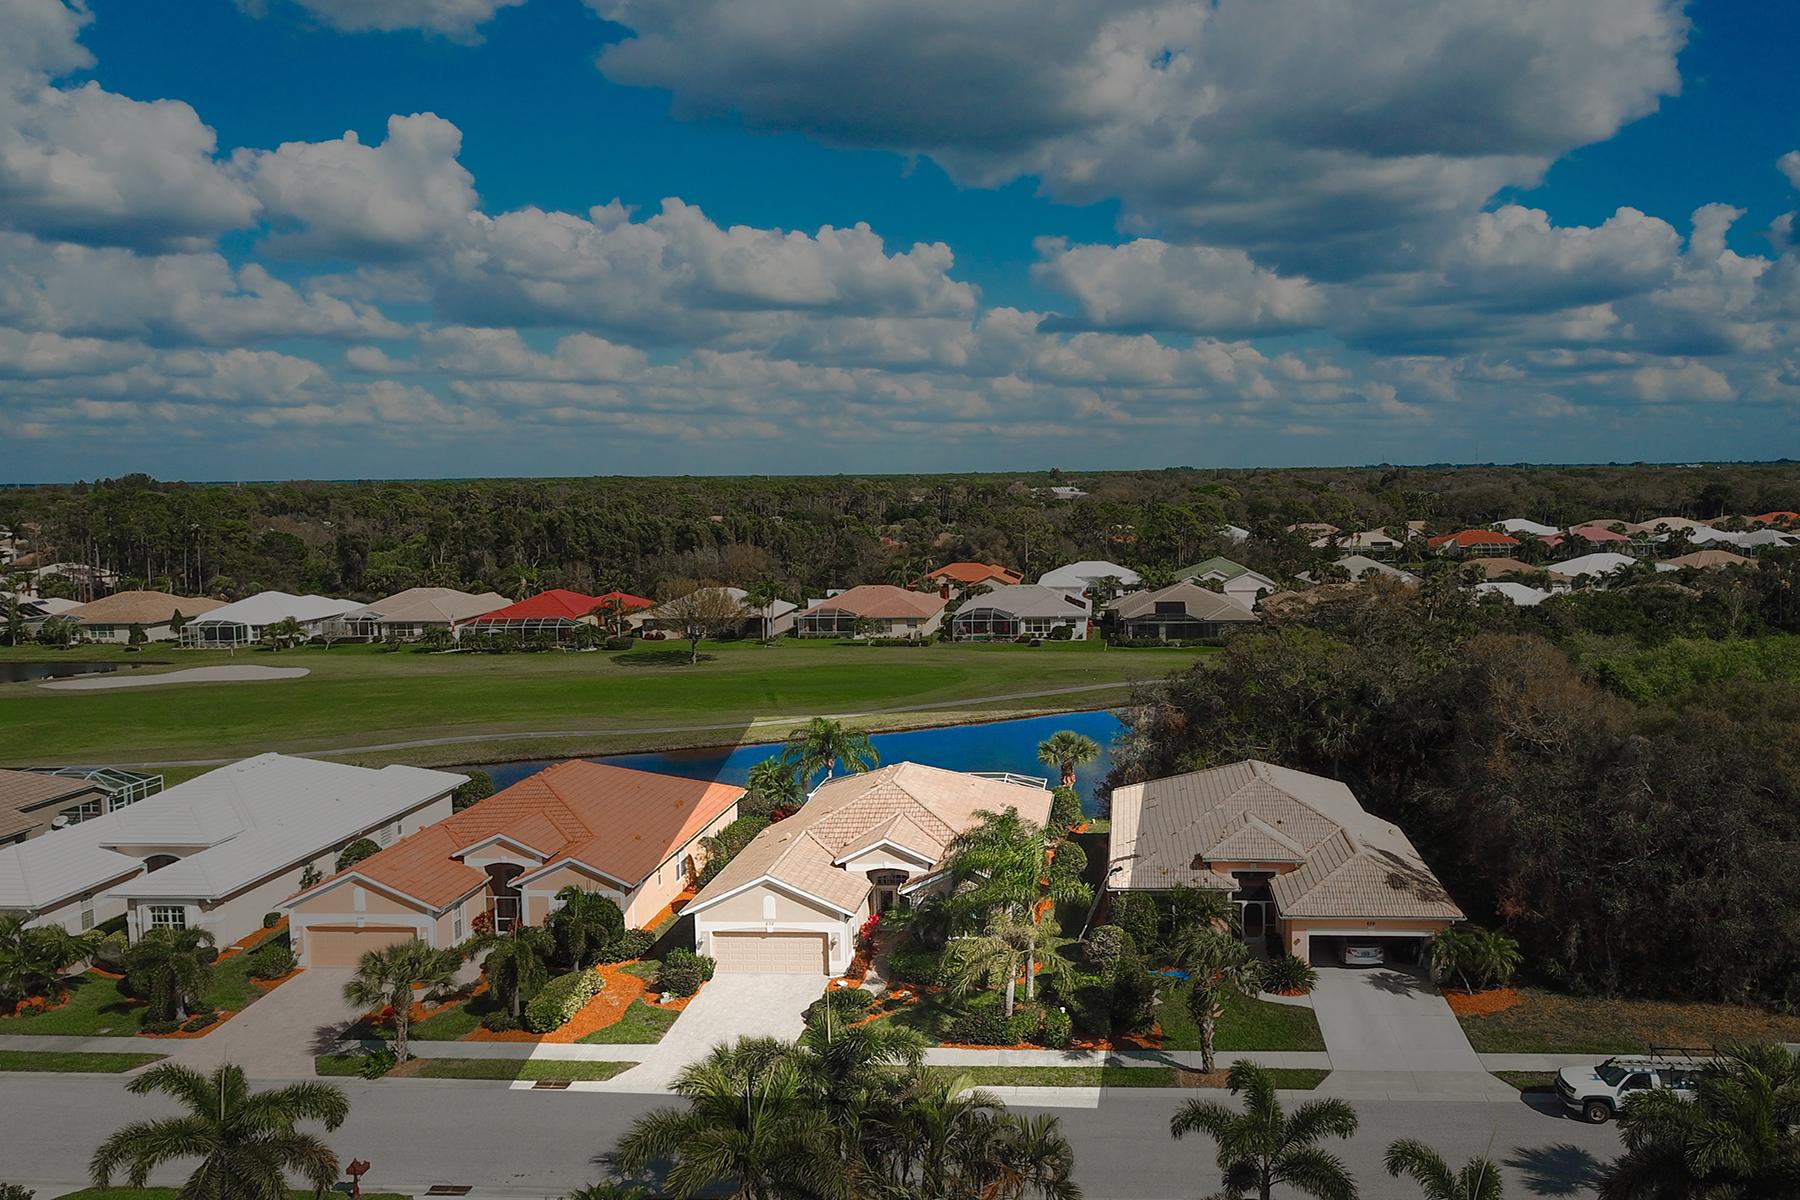 Частный односемейный дом для того Продажа на SAWGRASS 632 Misty Pine Dr, Venice, Флорида, 34292 Соединенные Штаты